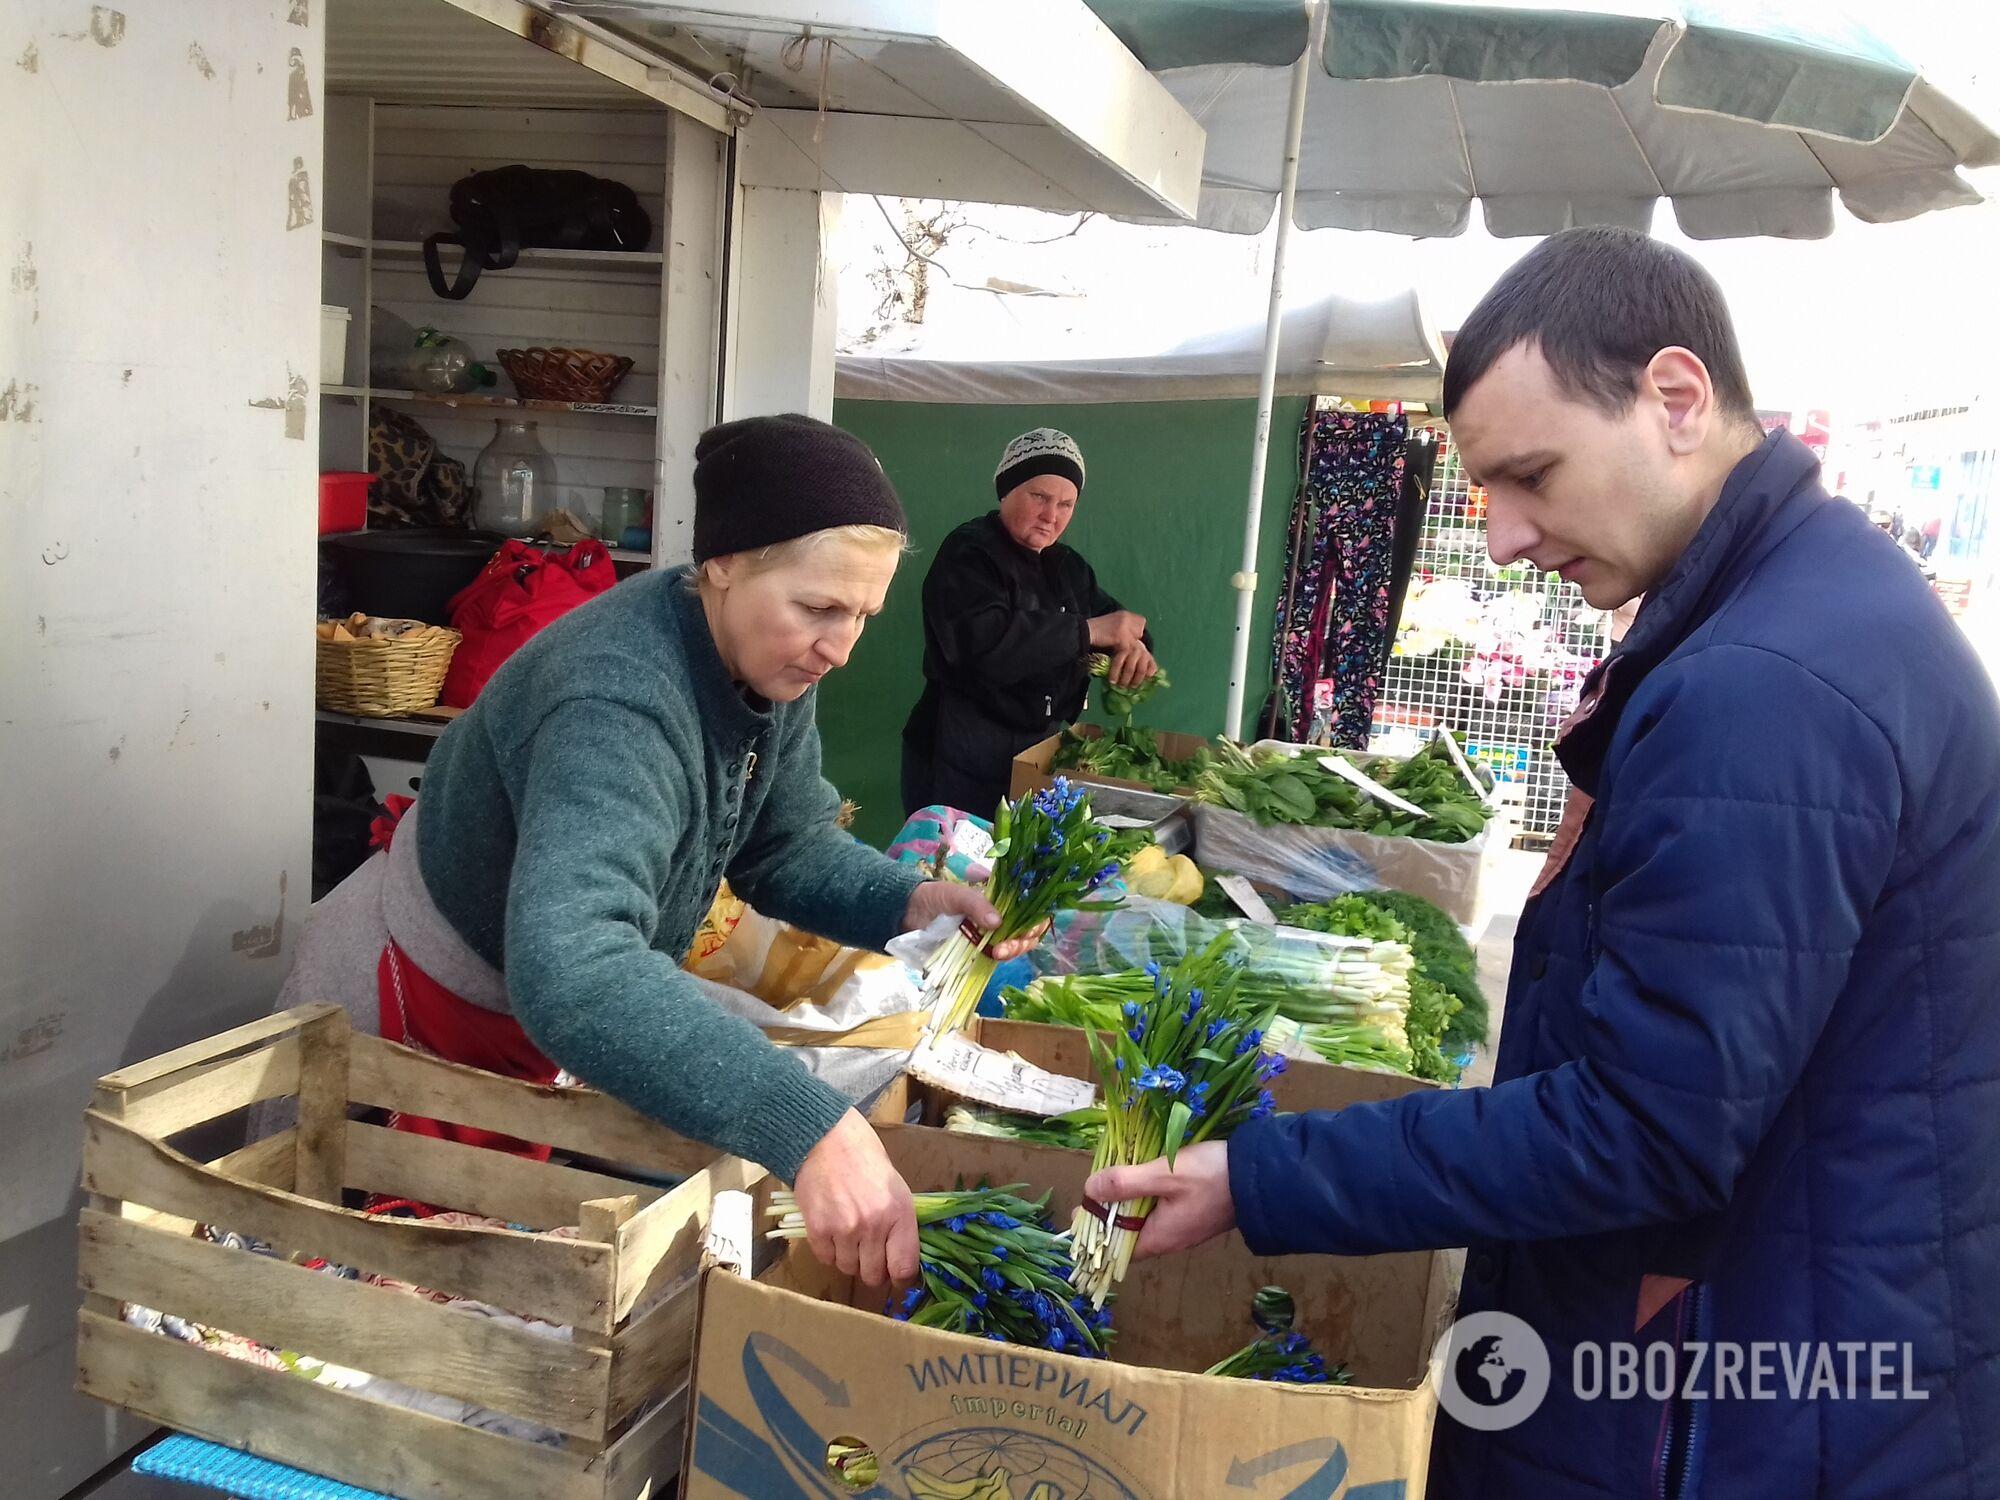 В Харькове устроили облаву на торговцев редкими растениями